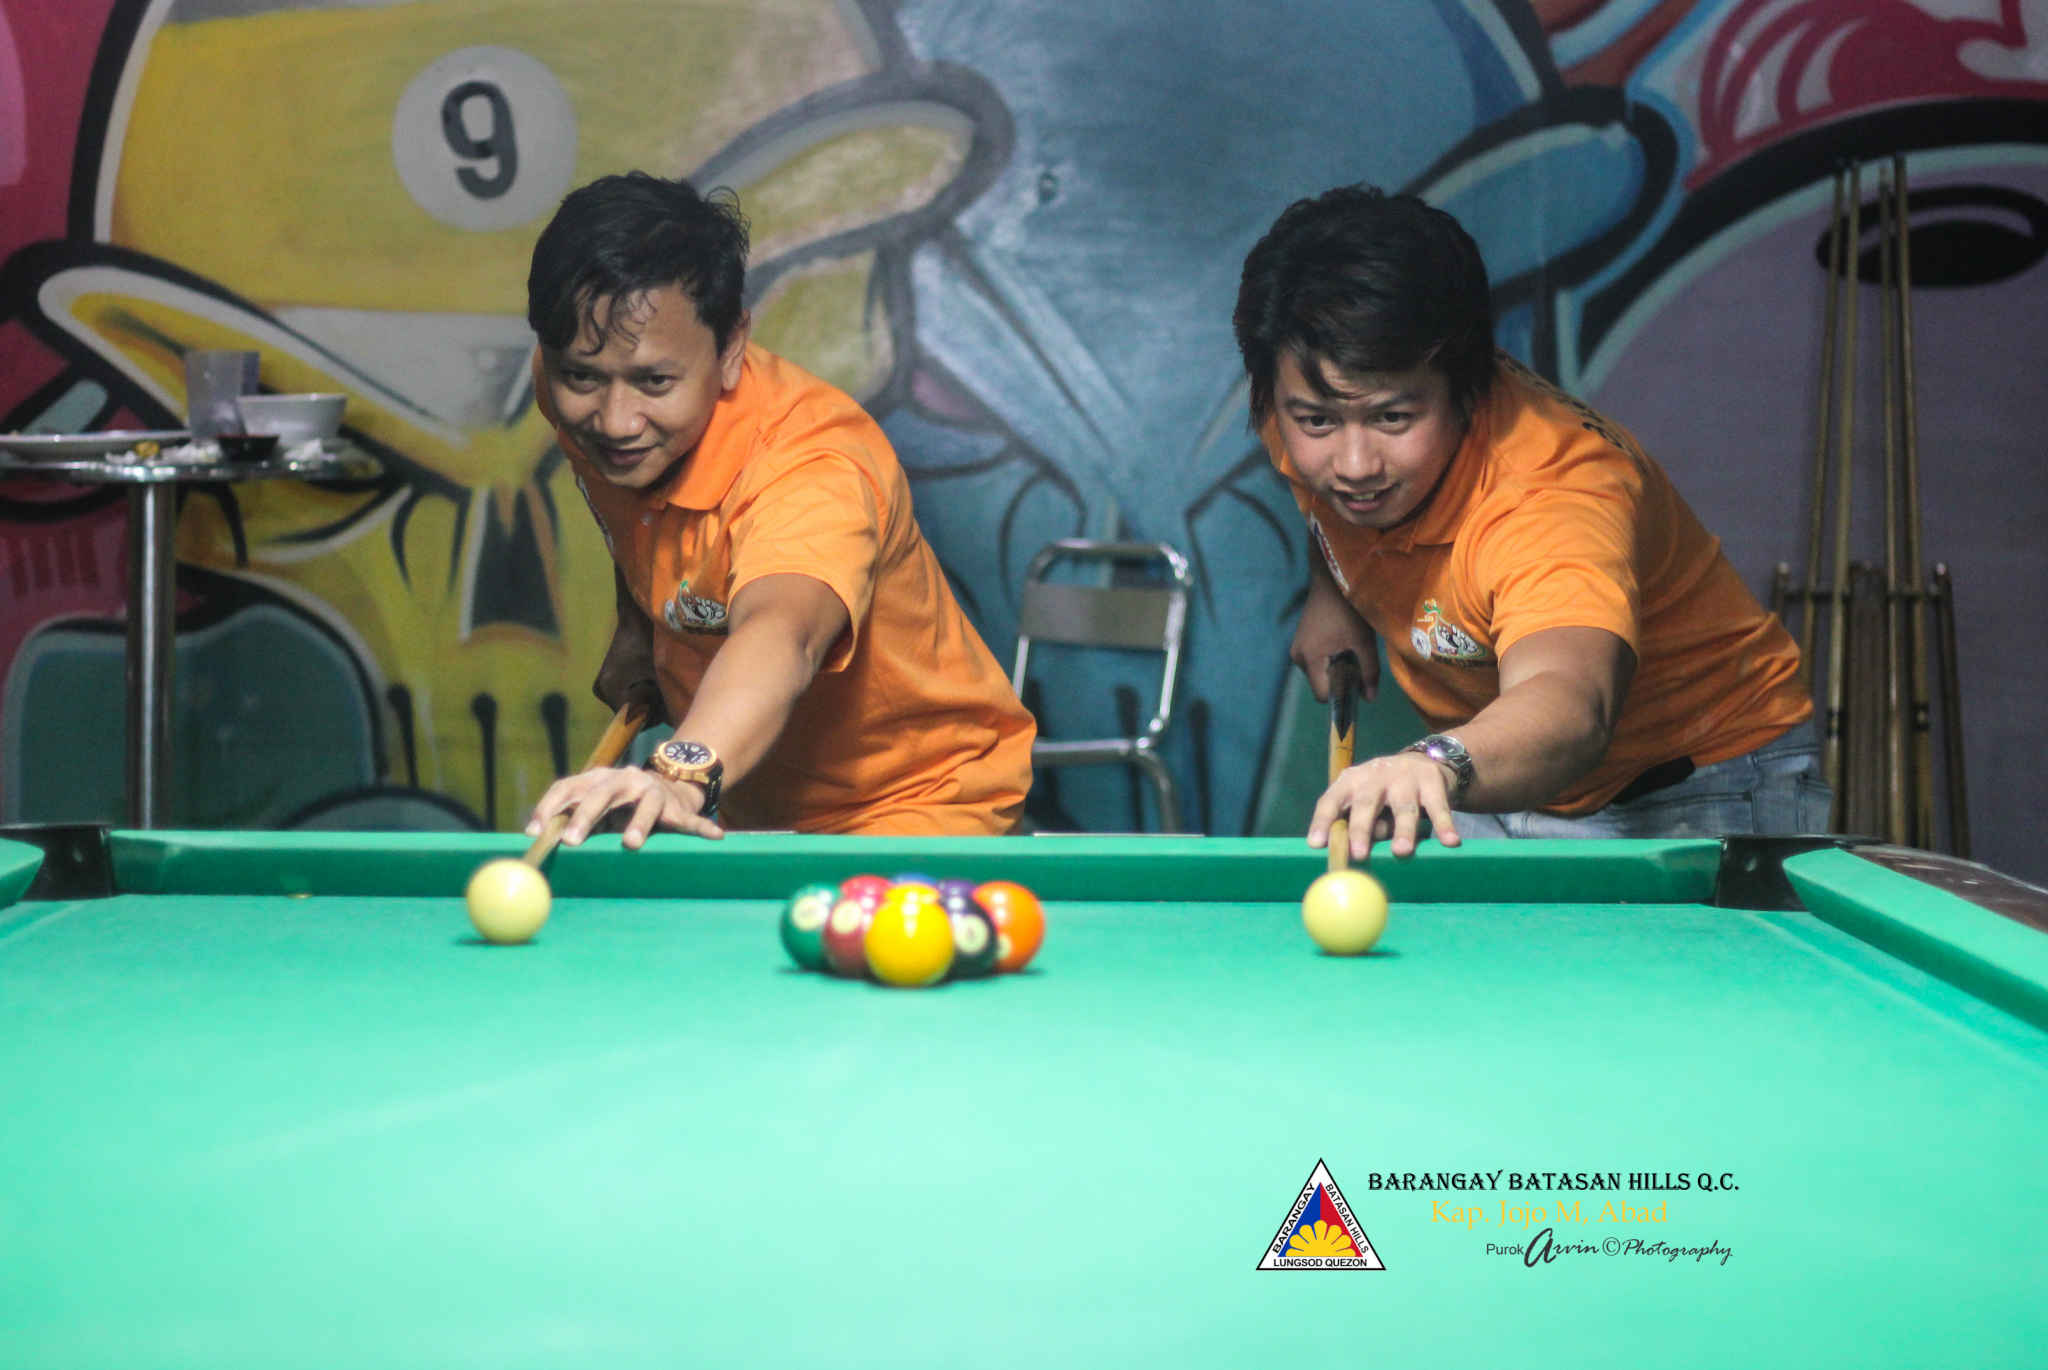 Capt. Abad and Kgd. Santos represent Batasan Hills in Haligi ng mga Barangay Mini-Olympics 2015 - Husay sa Billiards. (2)